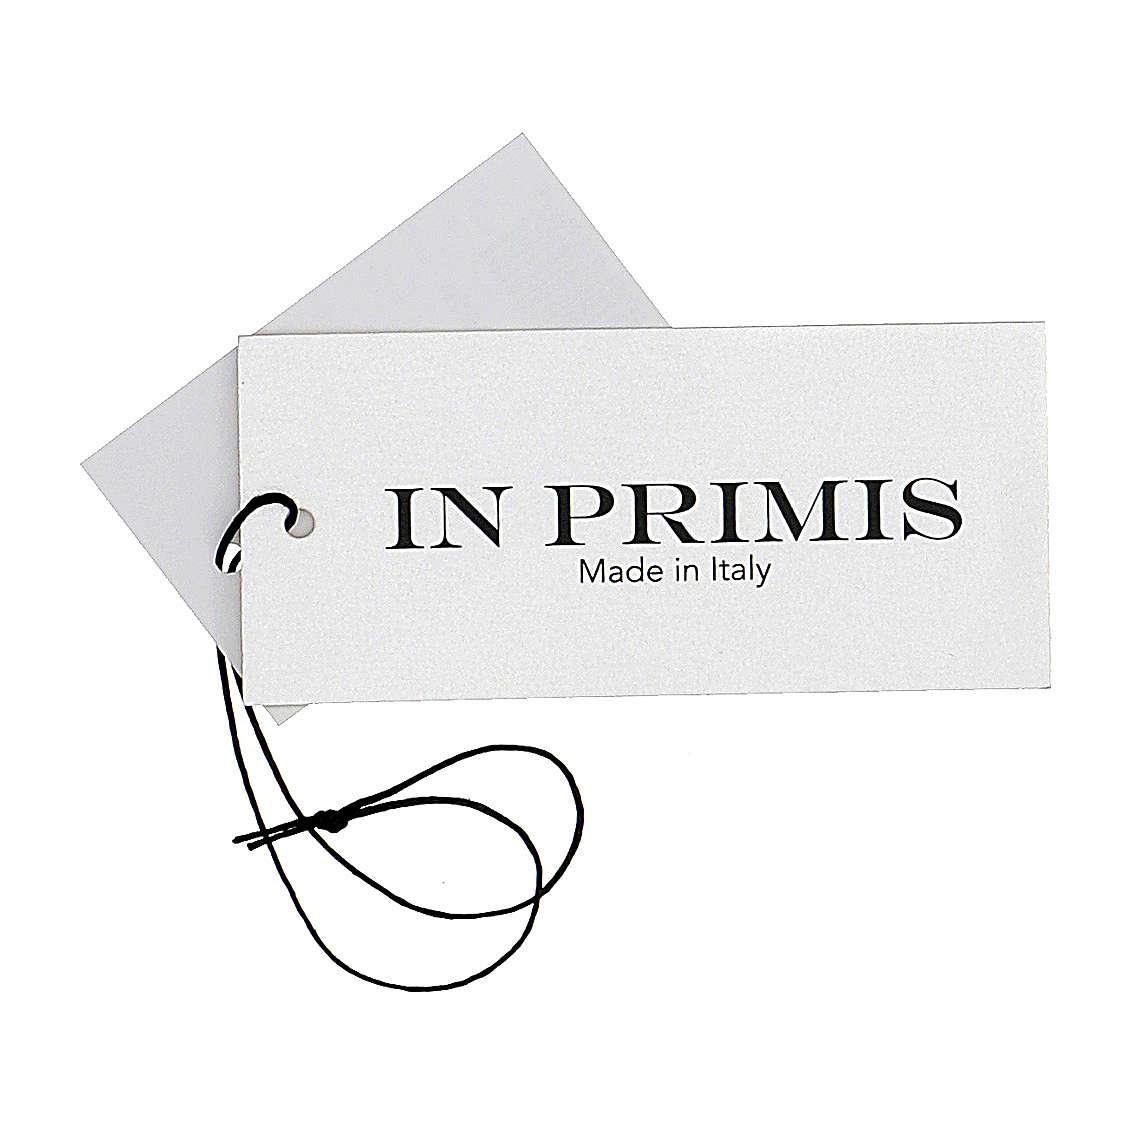 Gilet sacerdote aperto 50% lana merino 50% acrilico maglia rasata grigio antracite In Primis 4